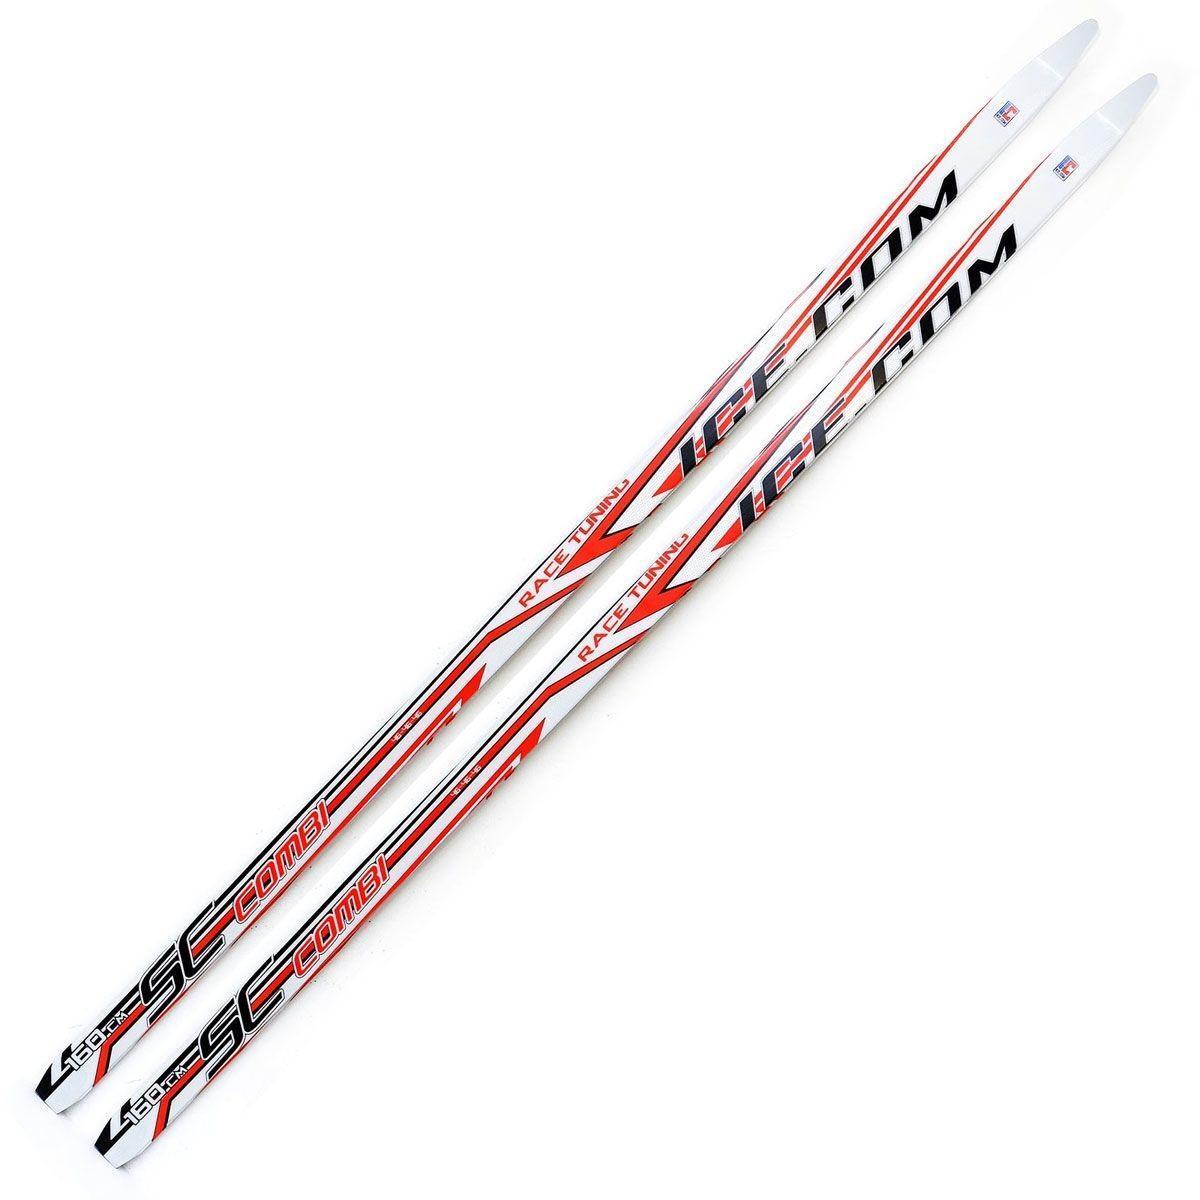 Беговые лыжи Ice.com Combi 2015 , цвет: красный, рост 150 смASE-611FЛыжи Ice.com Combi (без насечкой) предназначены для активного катания и прогулок по лыжне как классическим стилем, так и коньковым (свободным) ходом. Особенности:Технология CAP - высокотехнологичный ABS пластик;Скользящая поверхность из экструдированного полиэстера;Облегченный деревянный клин c воздушными каналами;